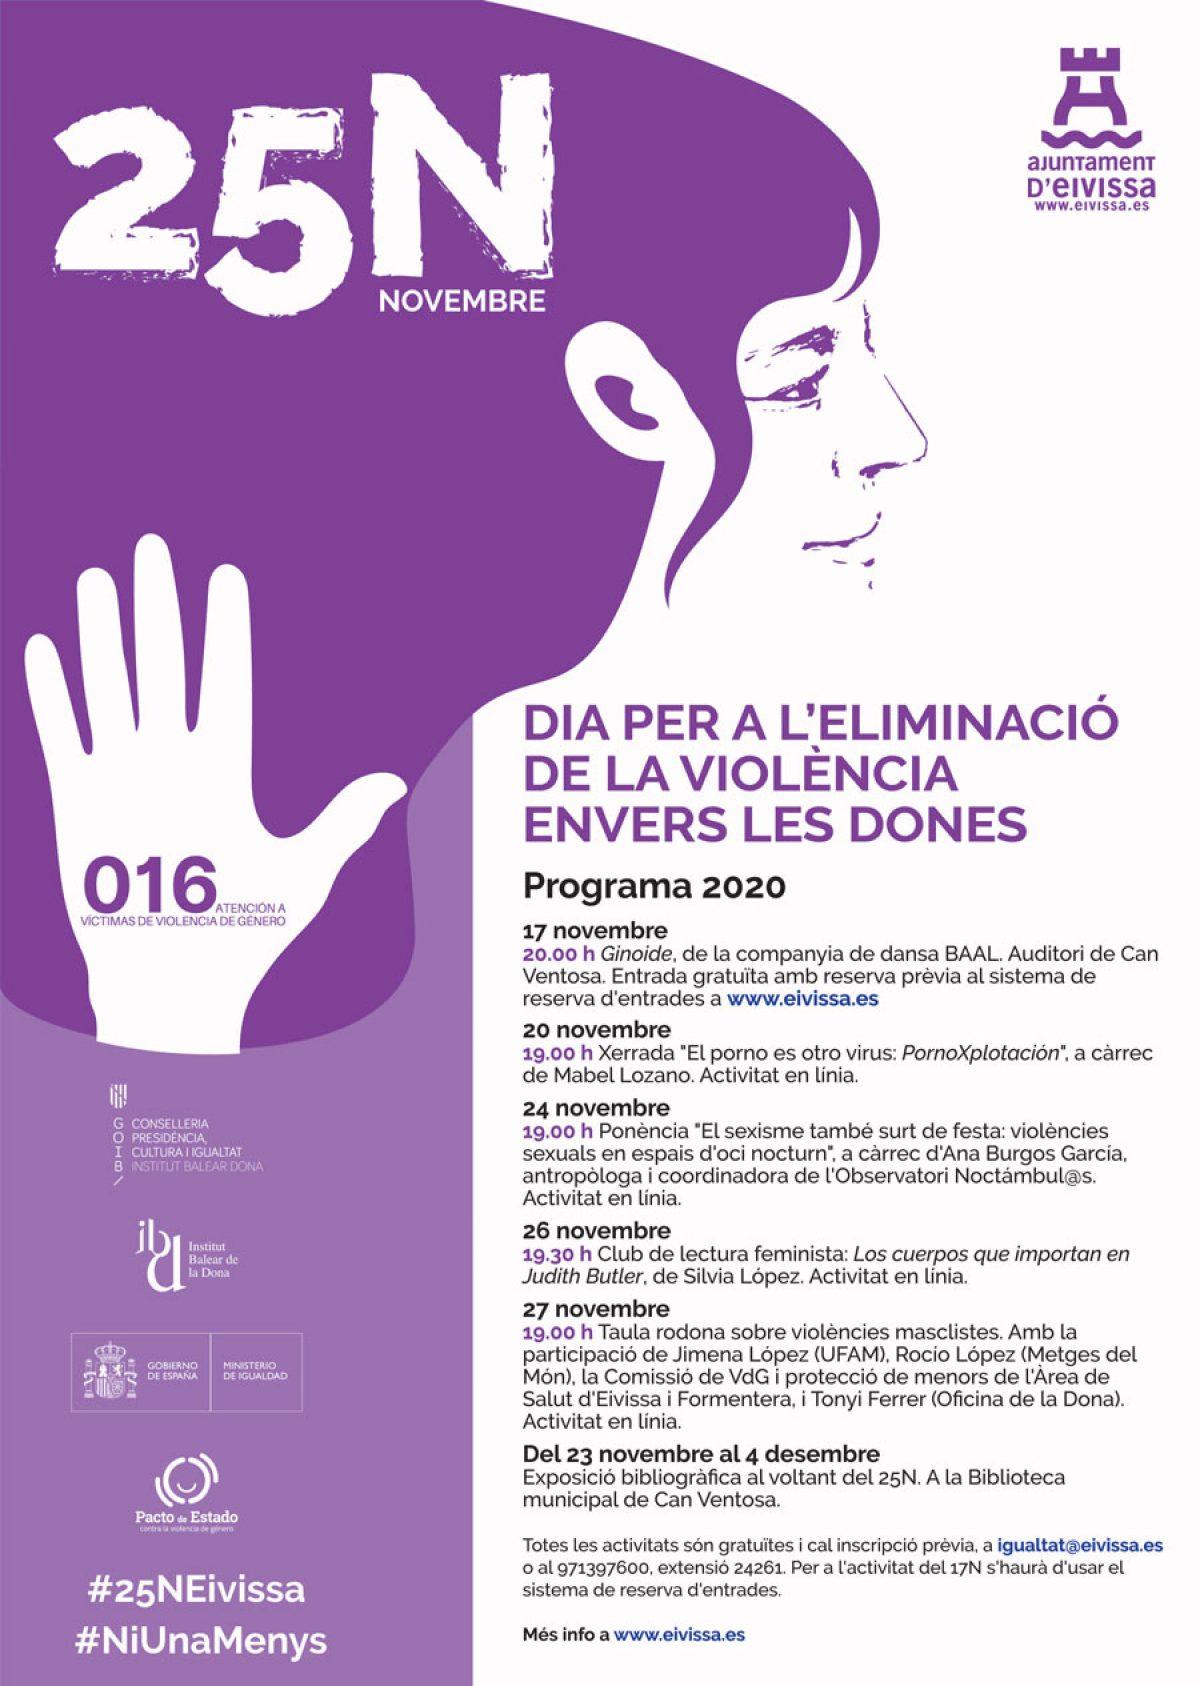 programa-dia-per-la-eliminació-violència-contra-les-dones-Eivissa-2020-welcometoibiza